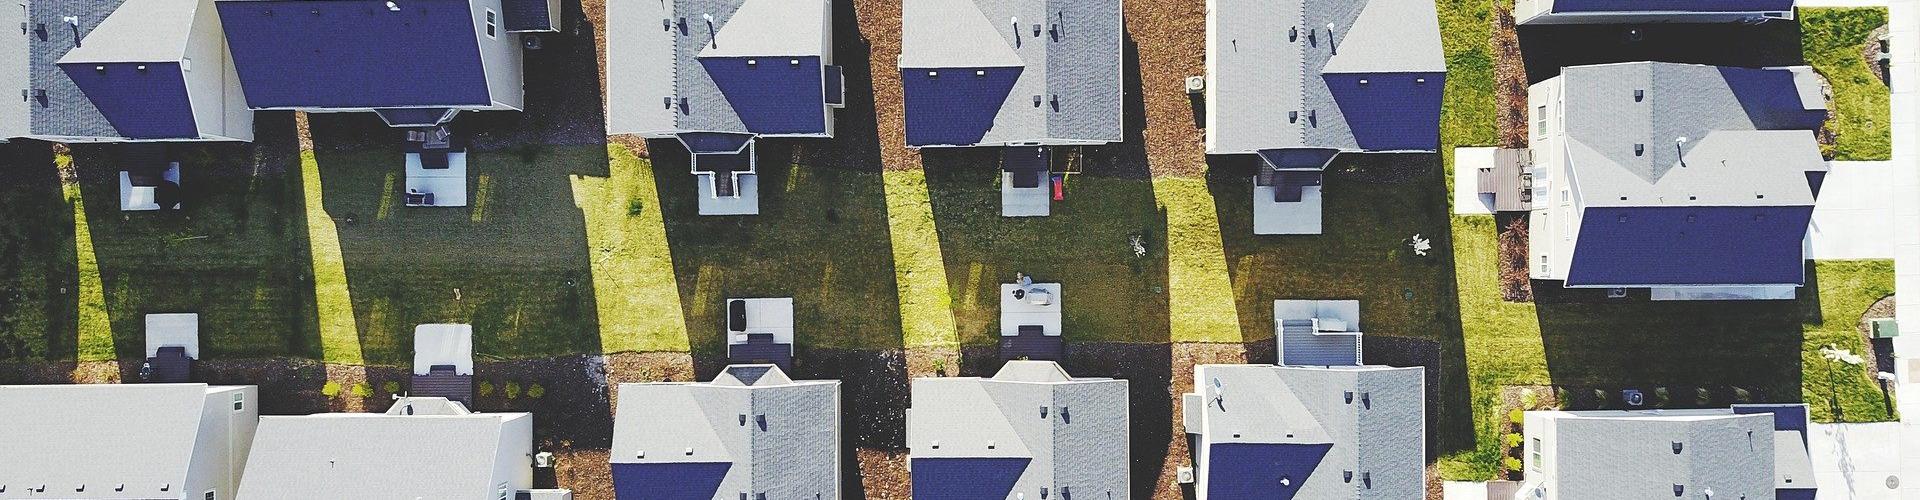 Een postcoderoos kan interessant zijn als je zelf geen geschikt dak hebt voor het opwekken van zonne-energie